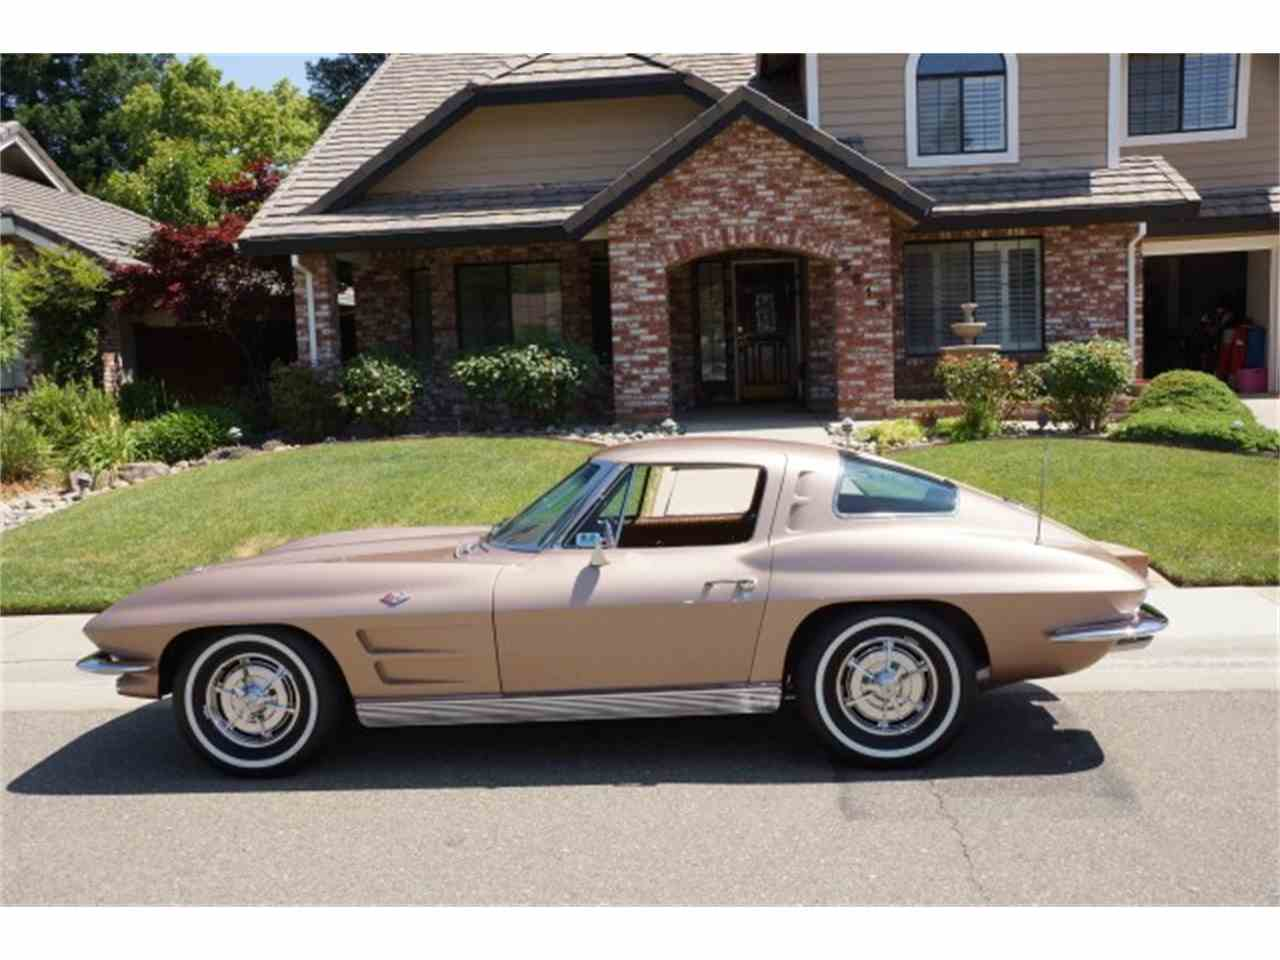 1963 chevrolet corvette split window for sale for 1963 corvette split window fuelie sale